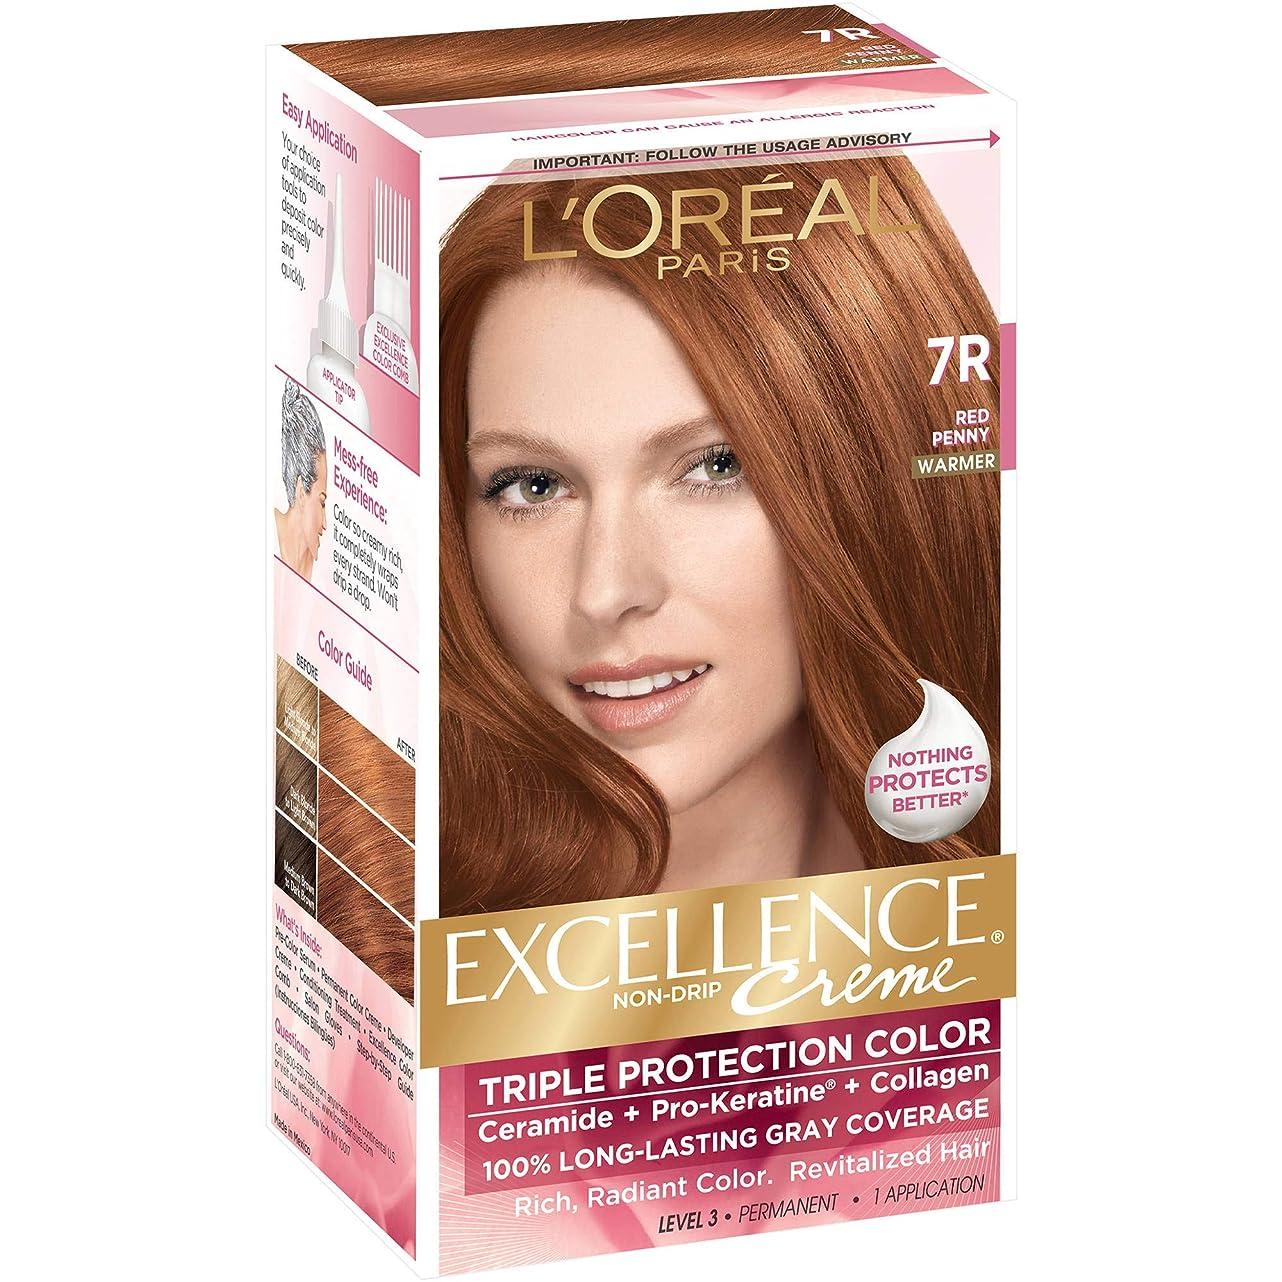 脚本家プット制限L'Oreal Paris Excellence Non-Drip Creme Hair Color, Red Penny (Warmer) [7R] 1 ea by L'Oreal Paris